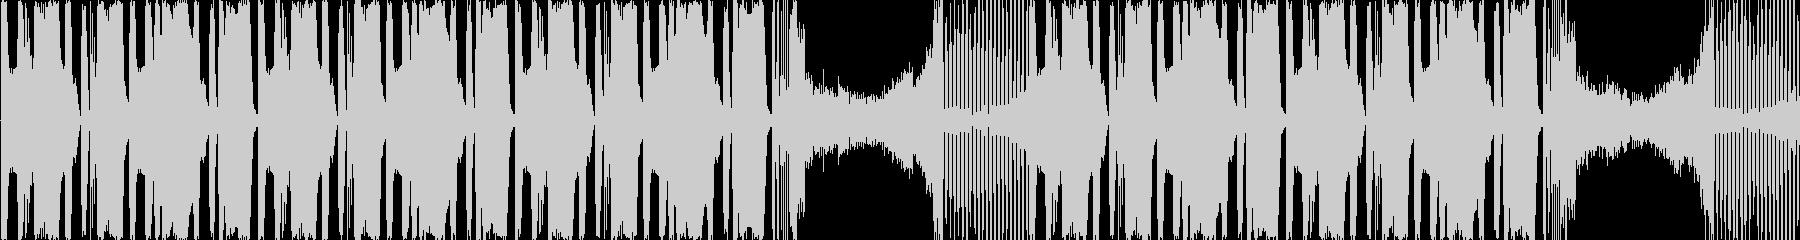 【サイバー/IDM/エレクトロニカ】の未再生の波形